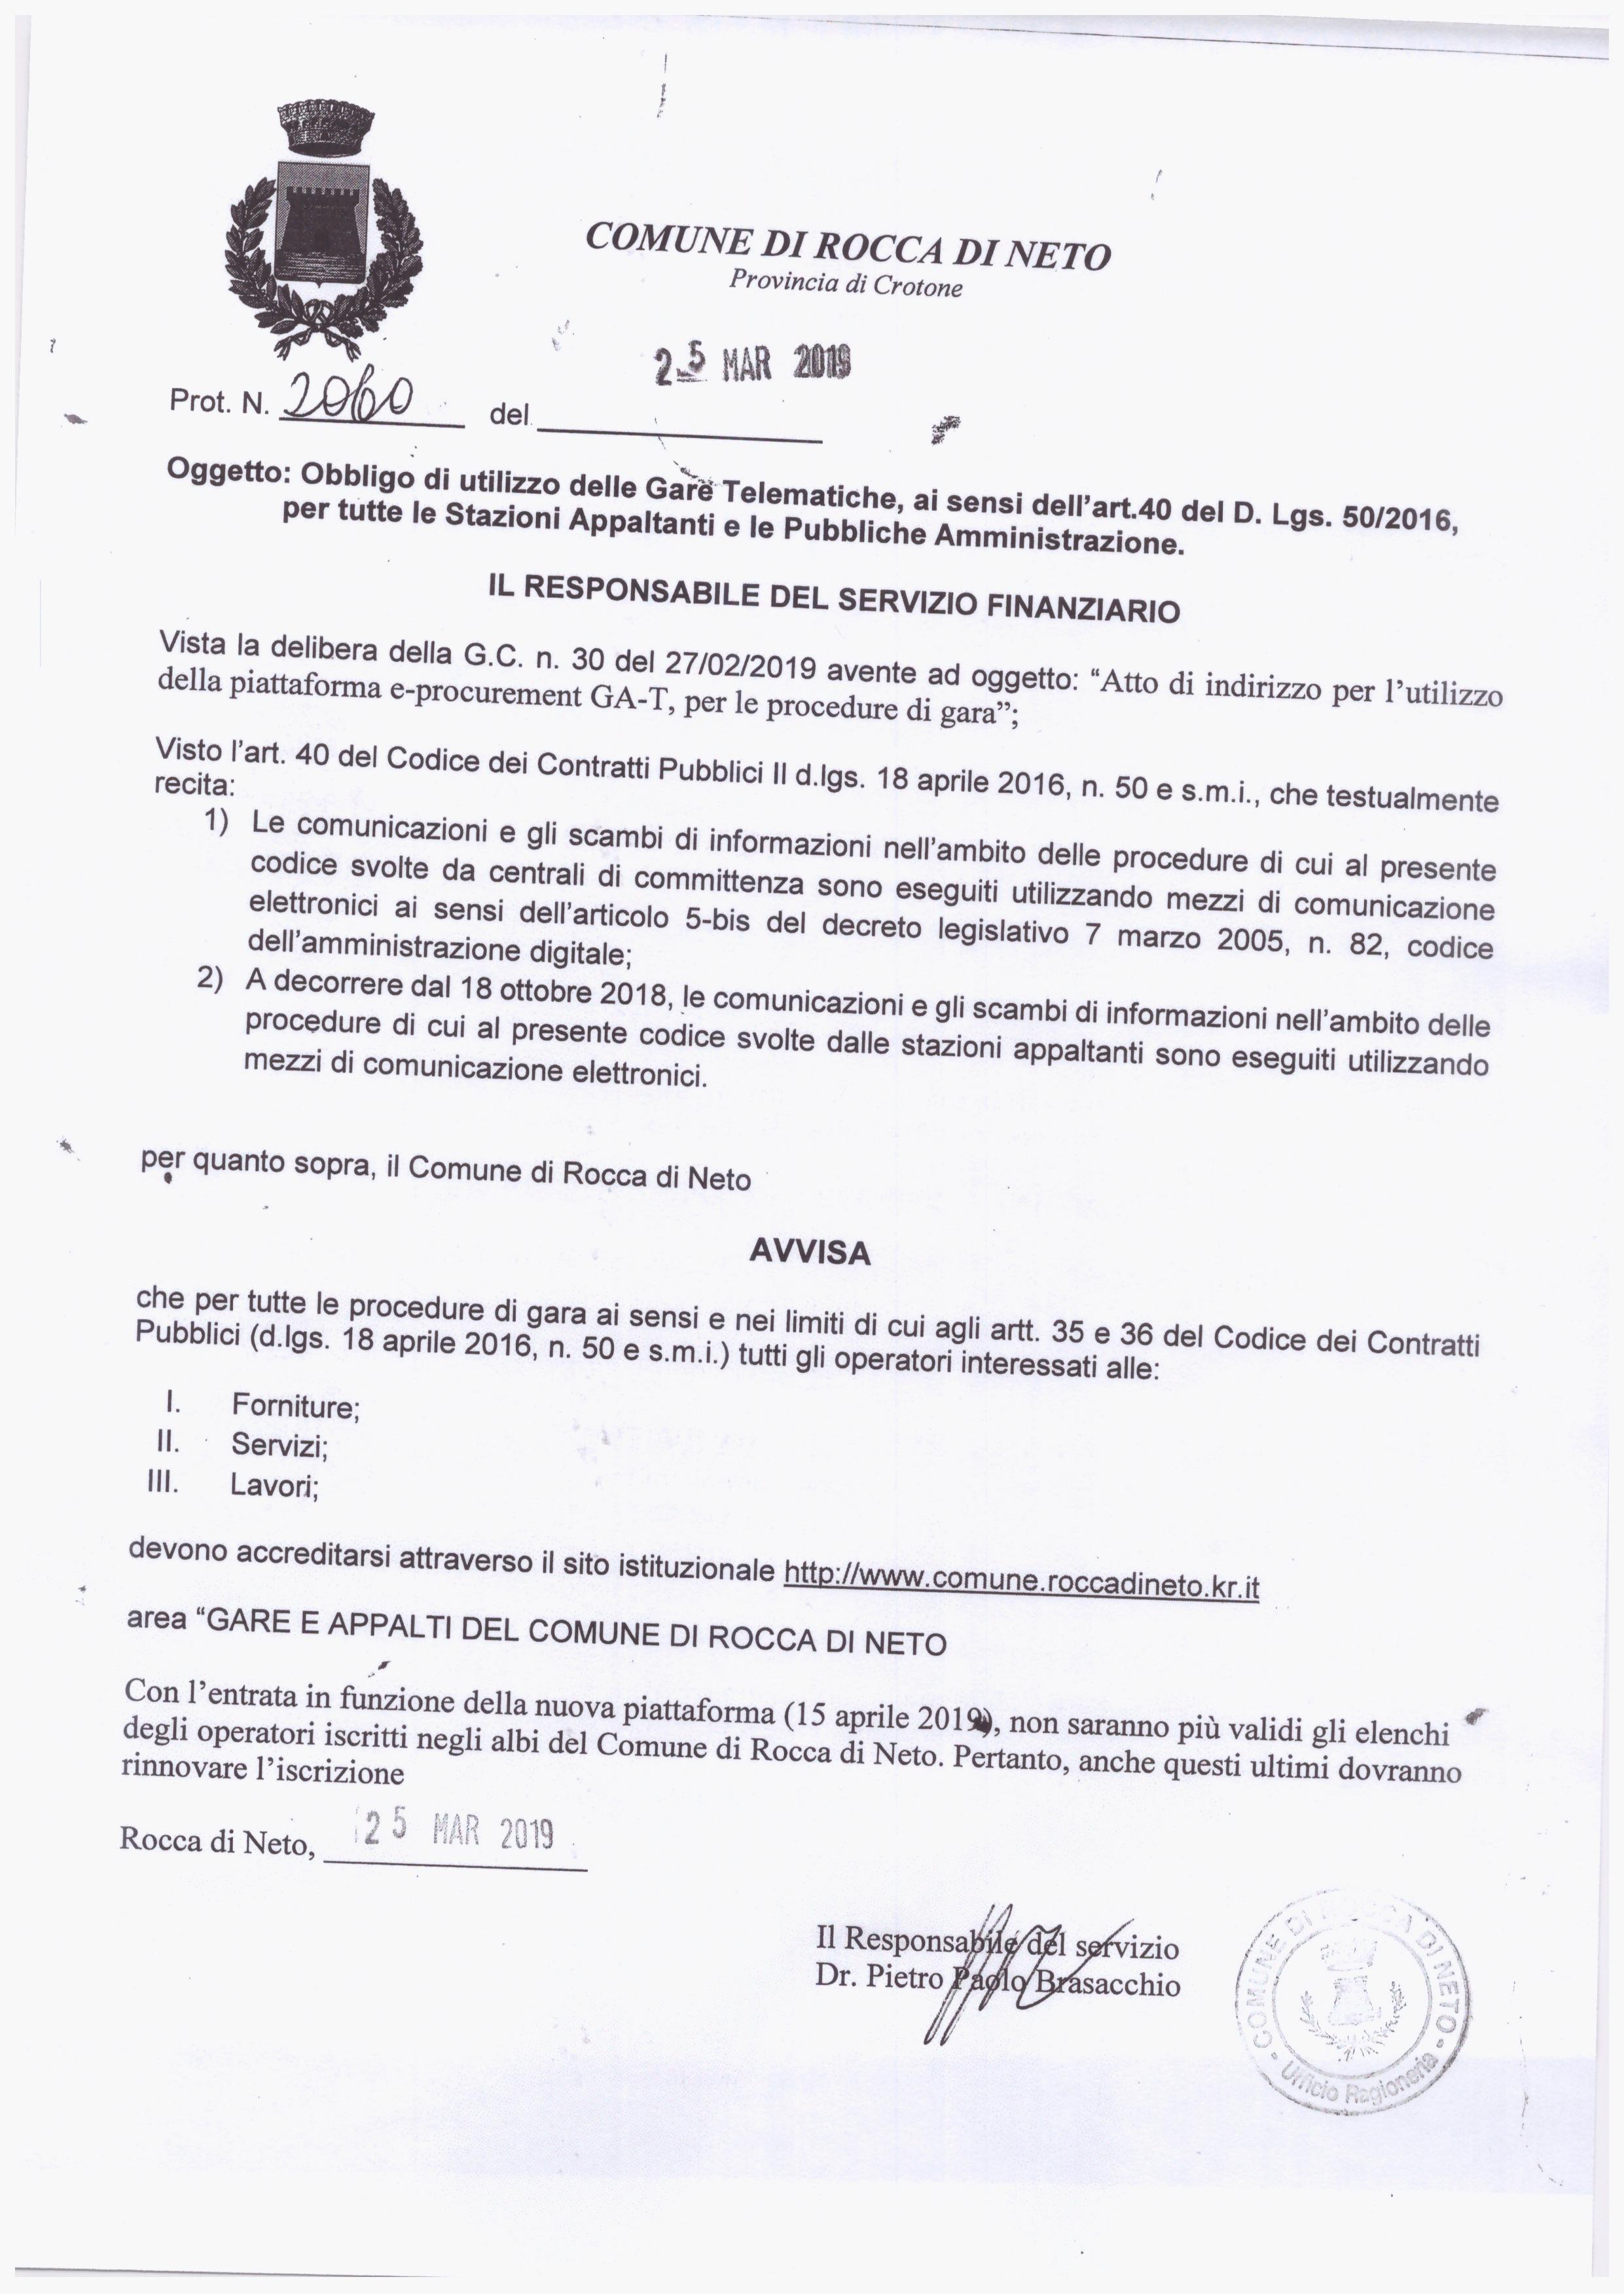 ACCREDITAMENTO IMPRESE per forniture, servizi e lavori con il sistema delle Gare Telematiche, ai sensi dell'art.40 del D. Lgs. 50/2016, per tutte le Stazioni Appaltanti e le PA